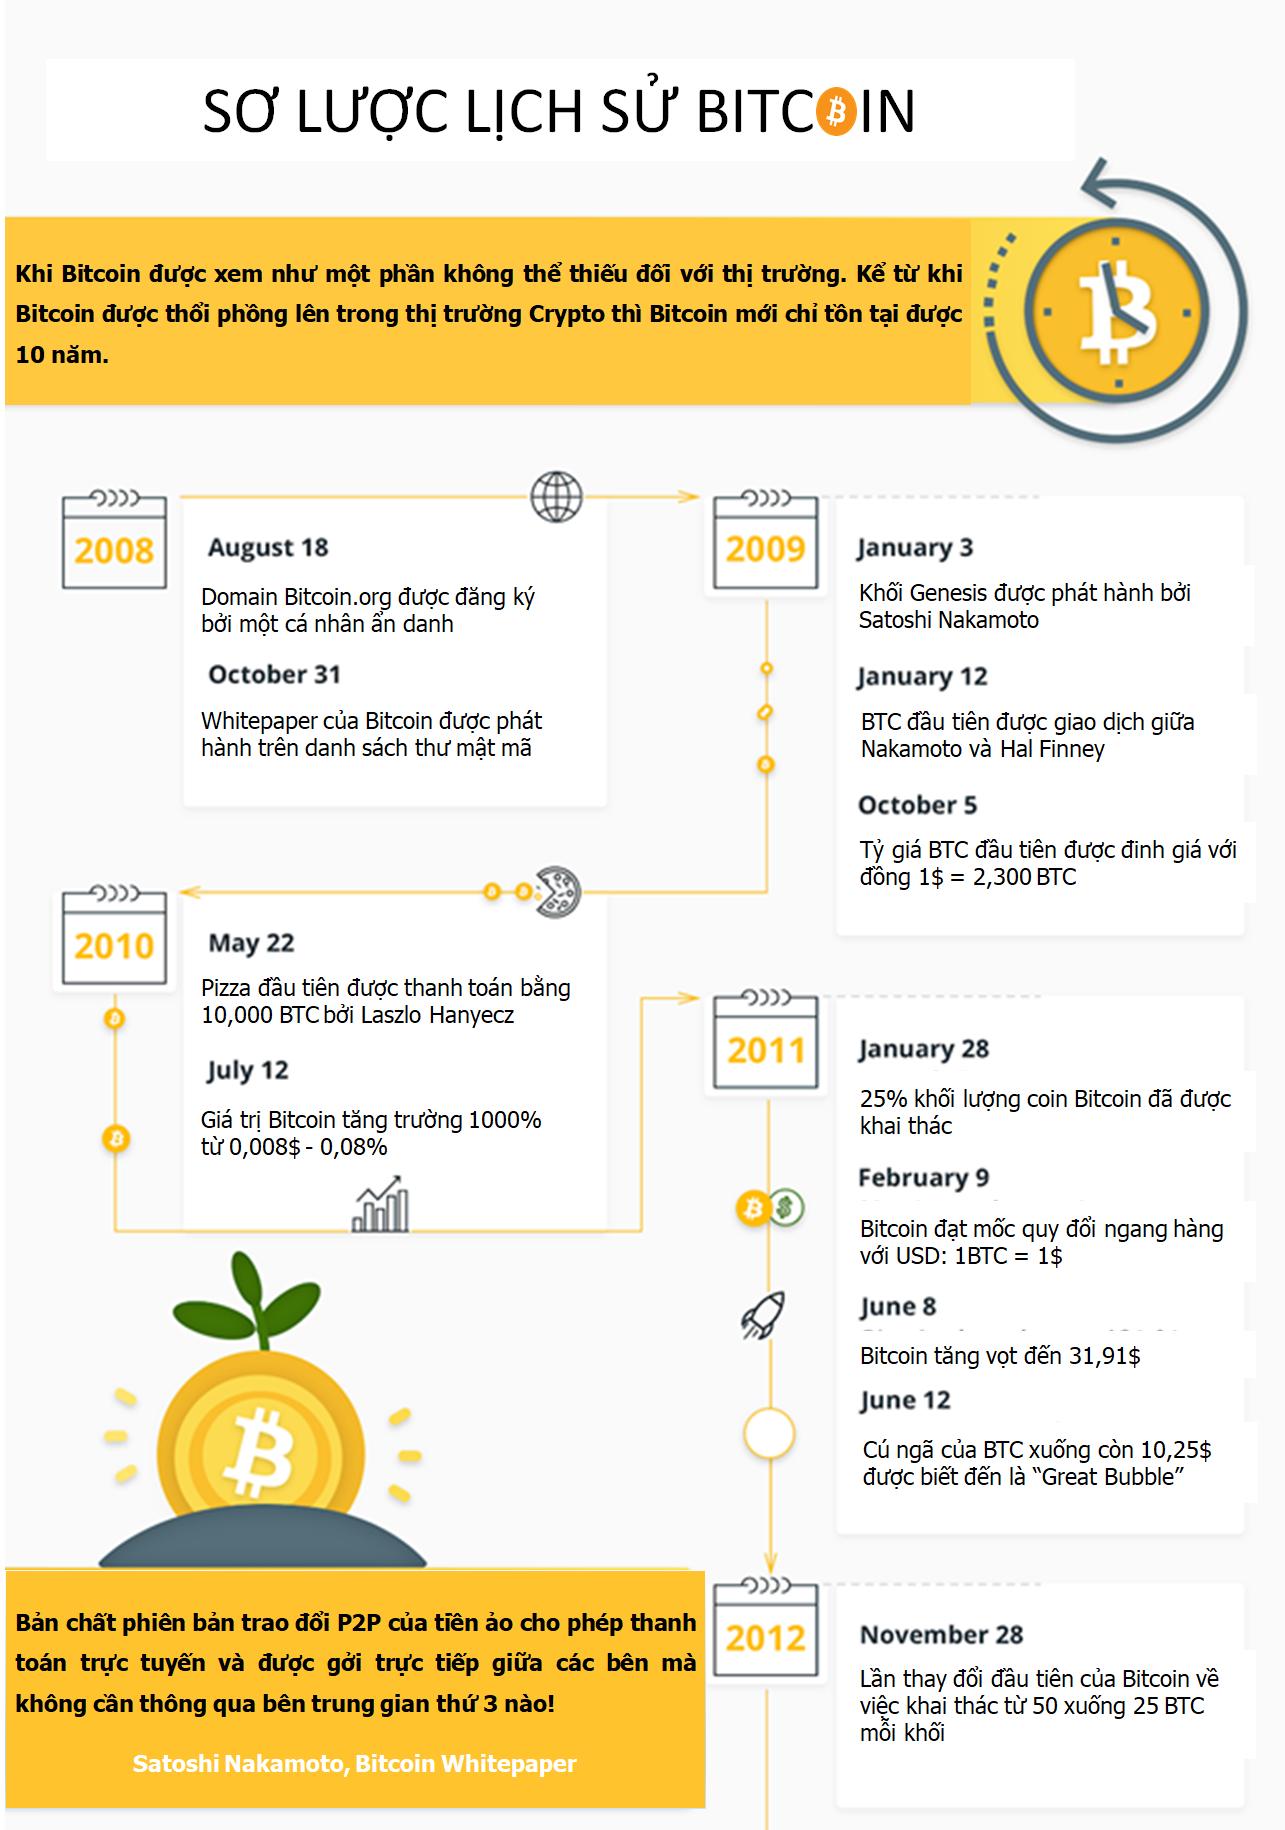 sơ lược lịch sử bitcoin 1